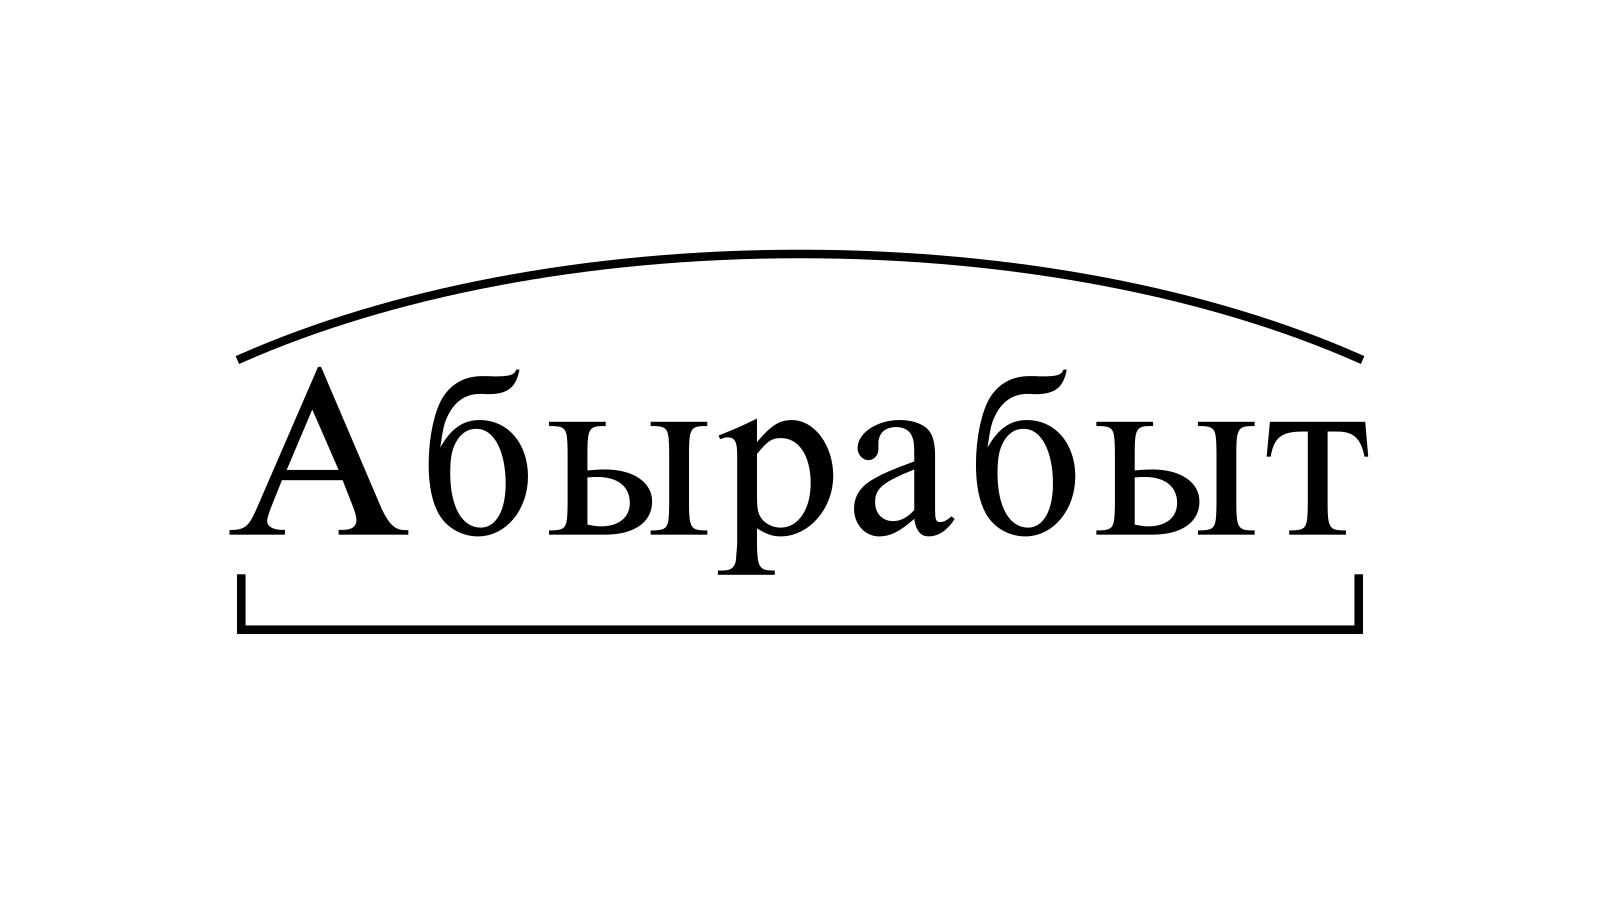 Разбор слова «Абырабыт» по составу